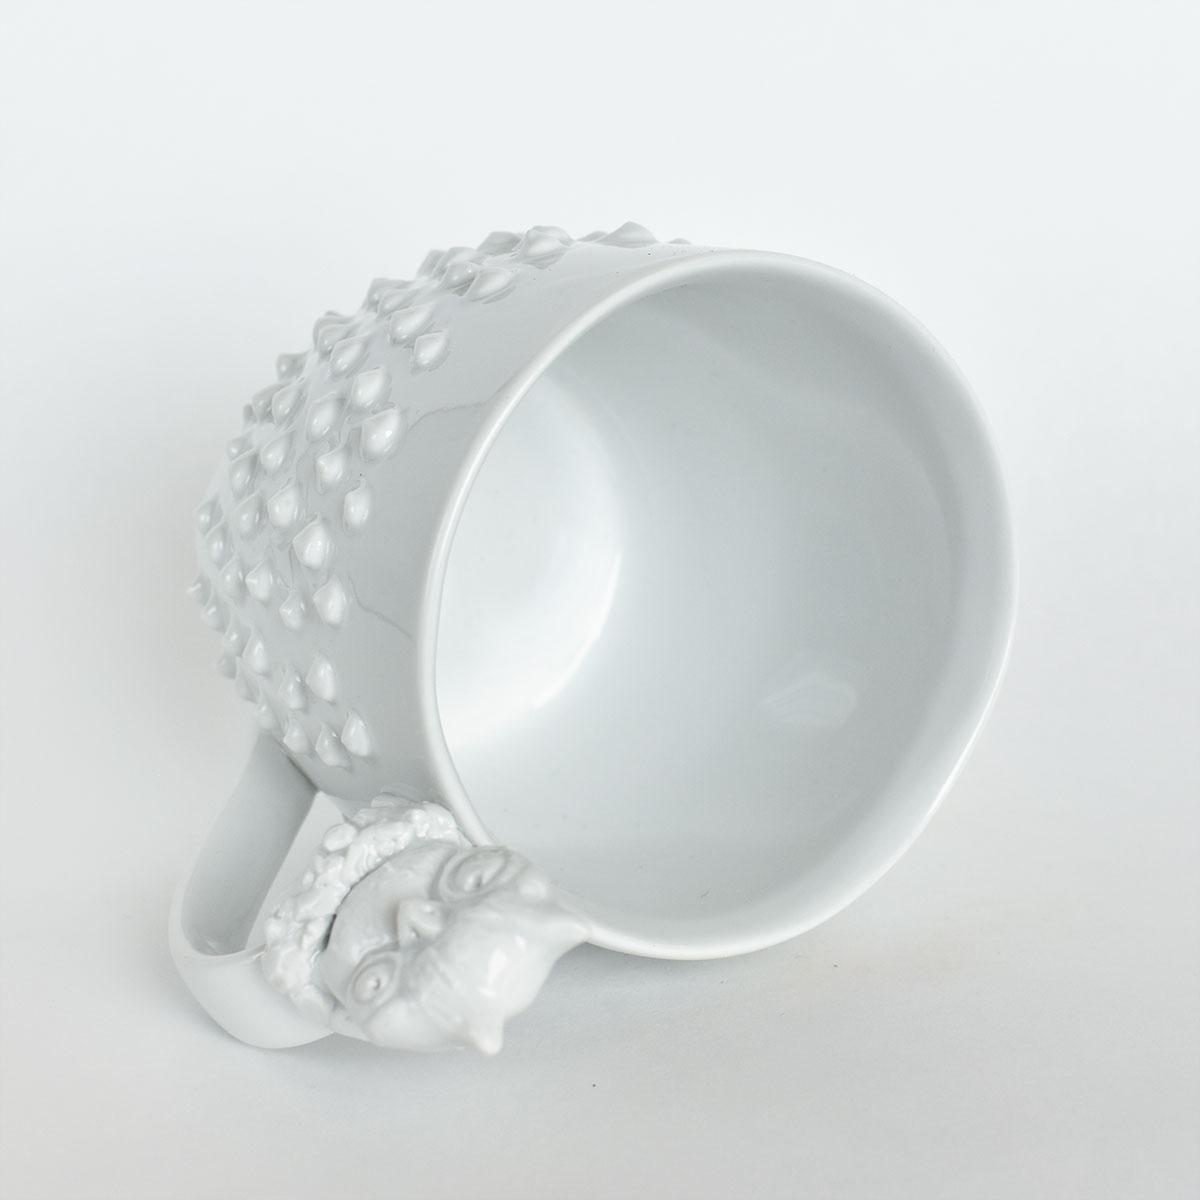 картинка Большая белая кружка с шипами и совой - DishWishes.Ru